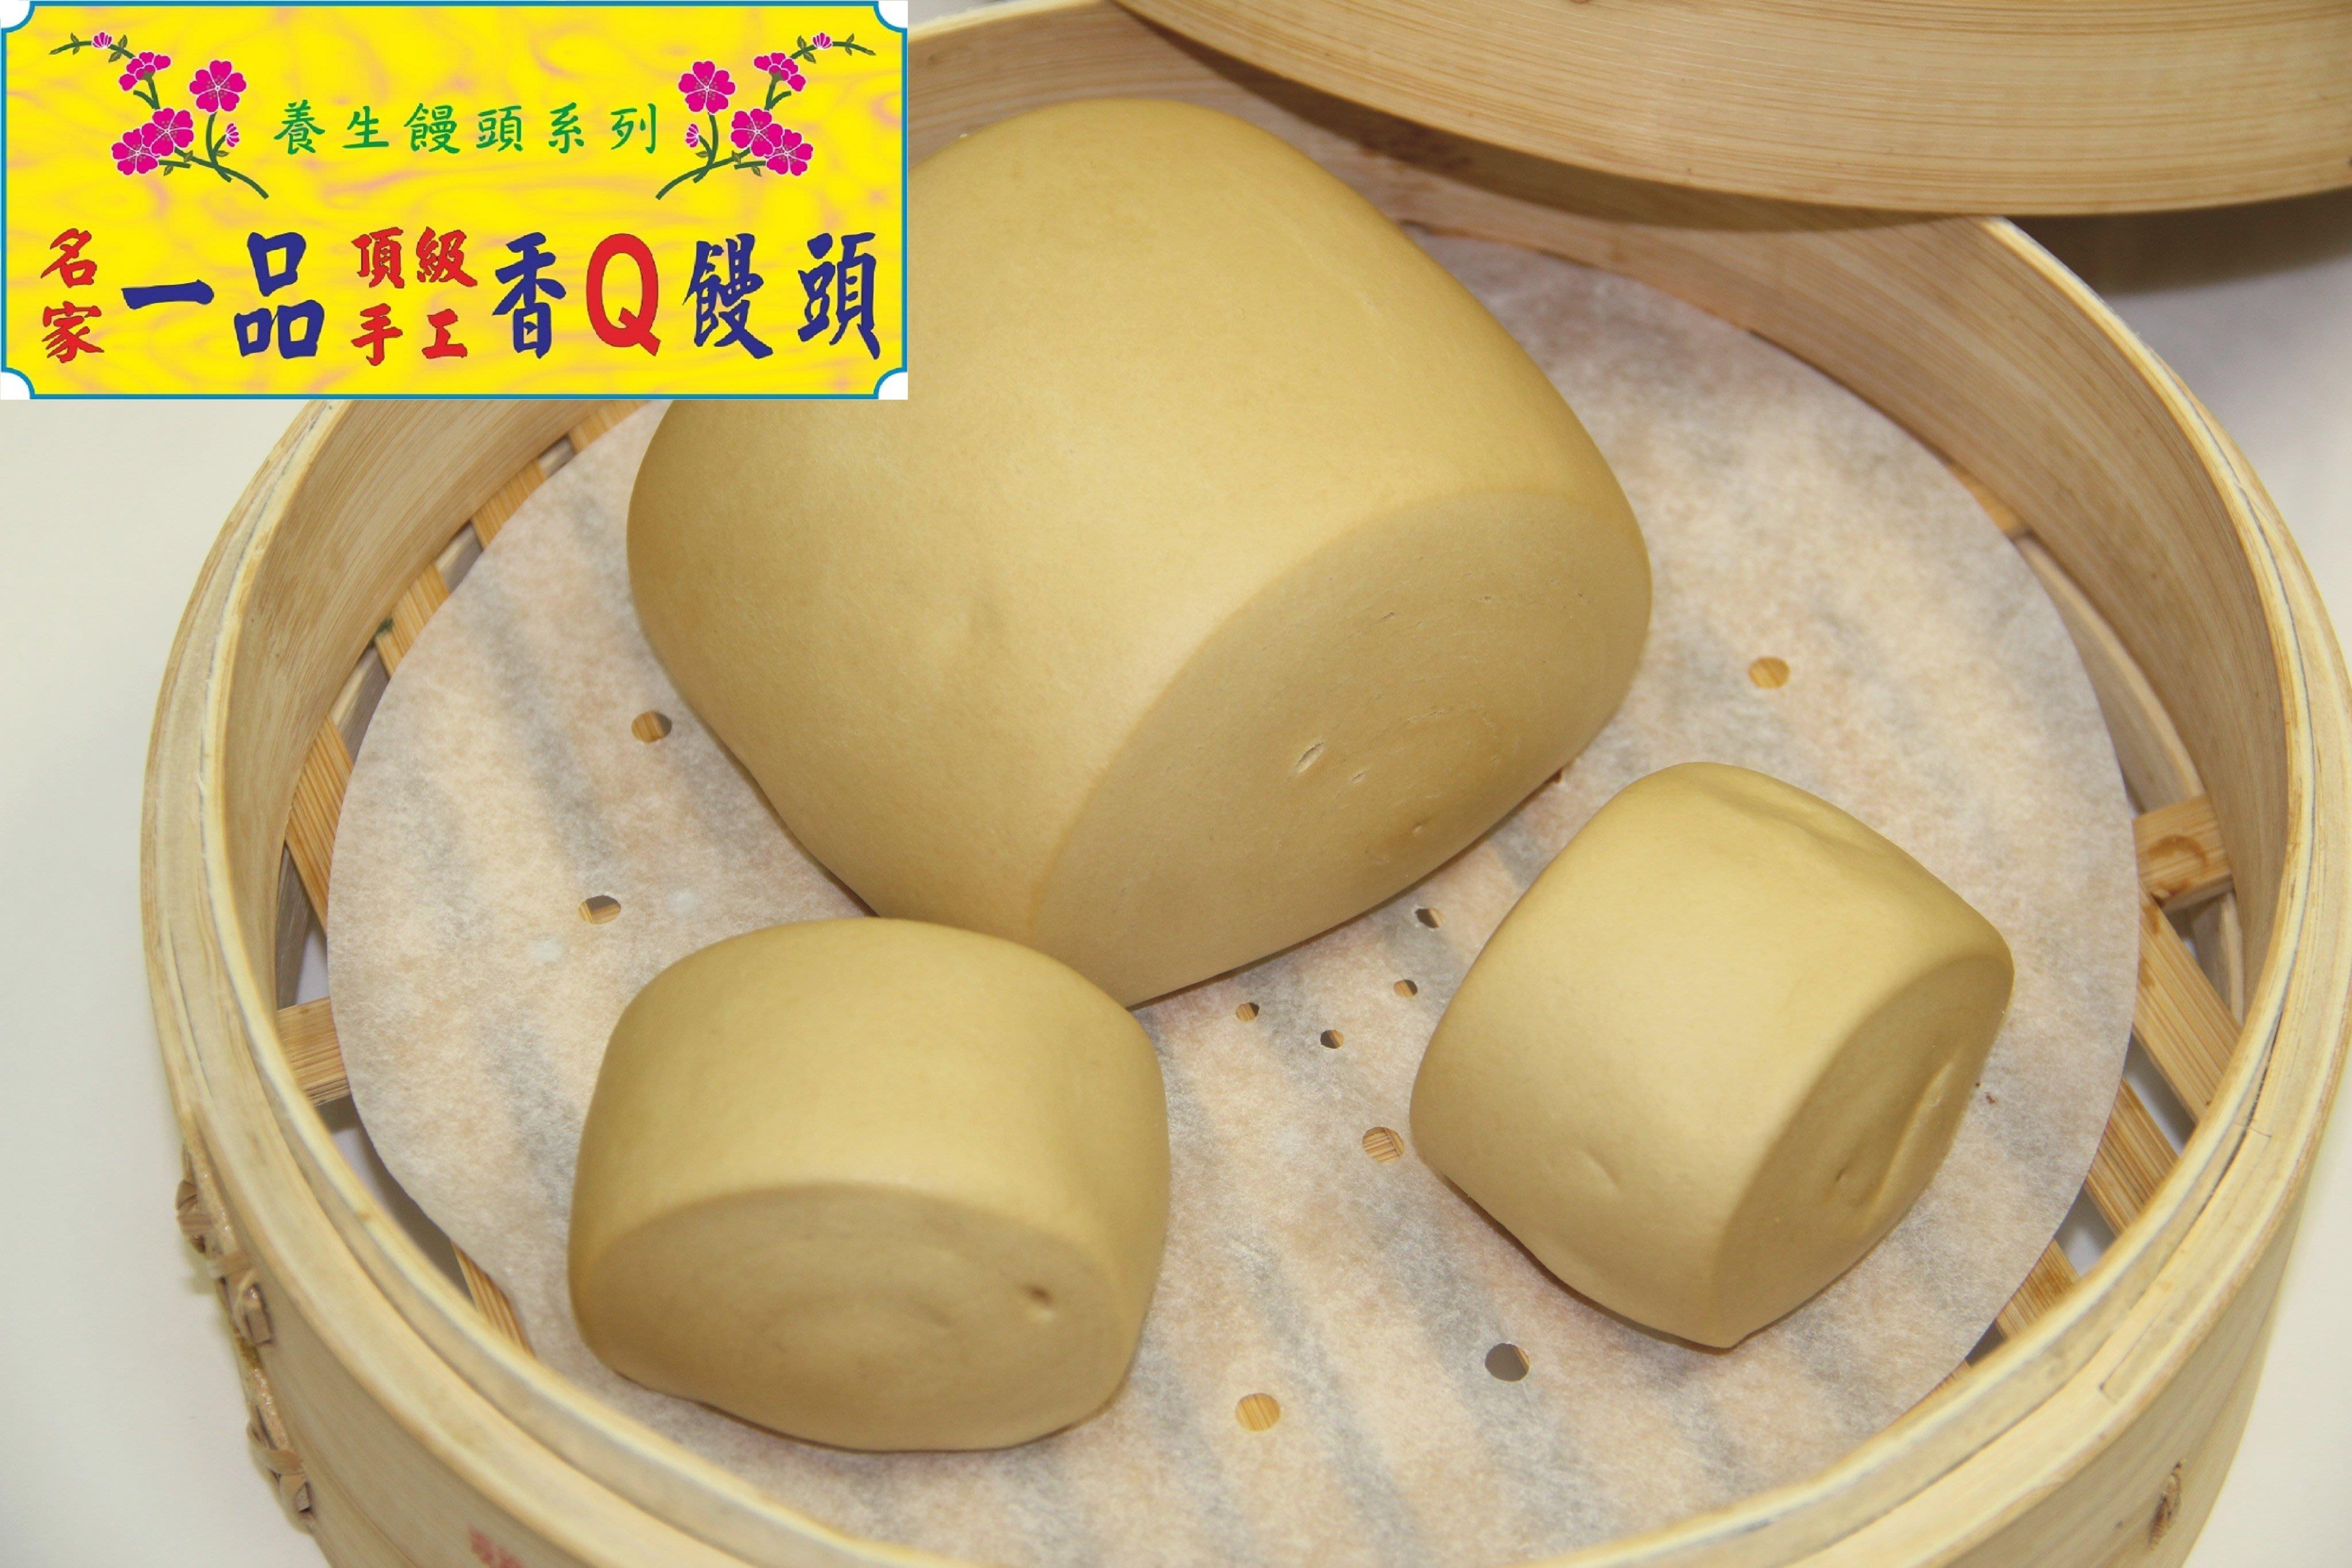 【名家一品手工饅頭】黑糖小饅頭(素) 包/300g 黑糖小饅頭,讓小朋友更喜歡哦!